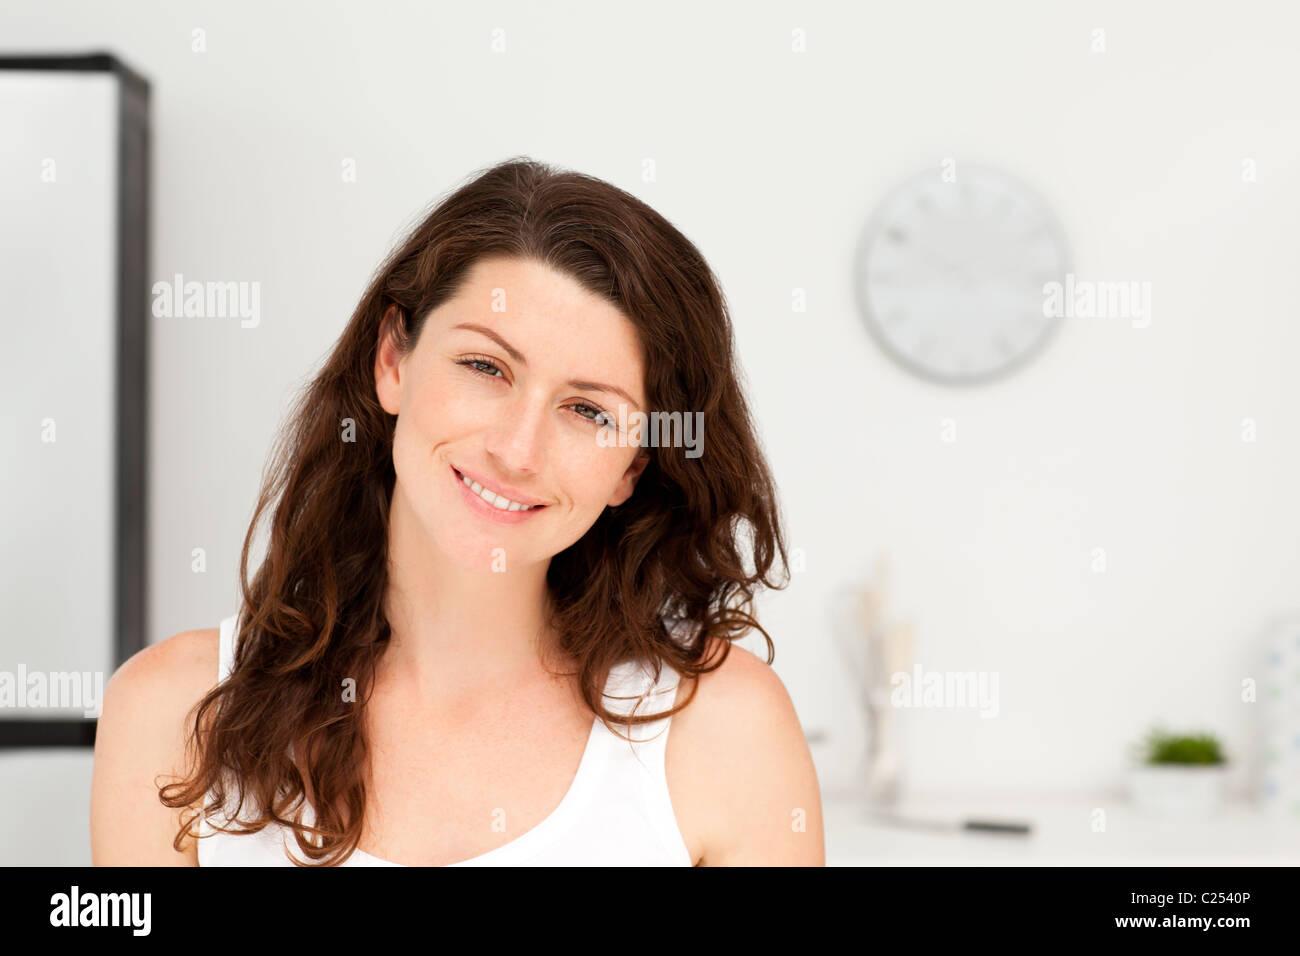 Ritratto di una donna radiante in pigiama nella sua cucina Immagini Stock